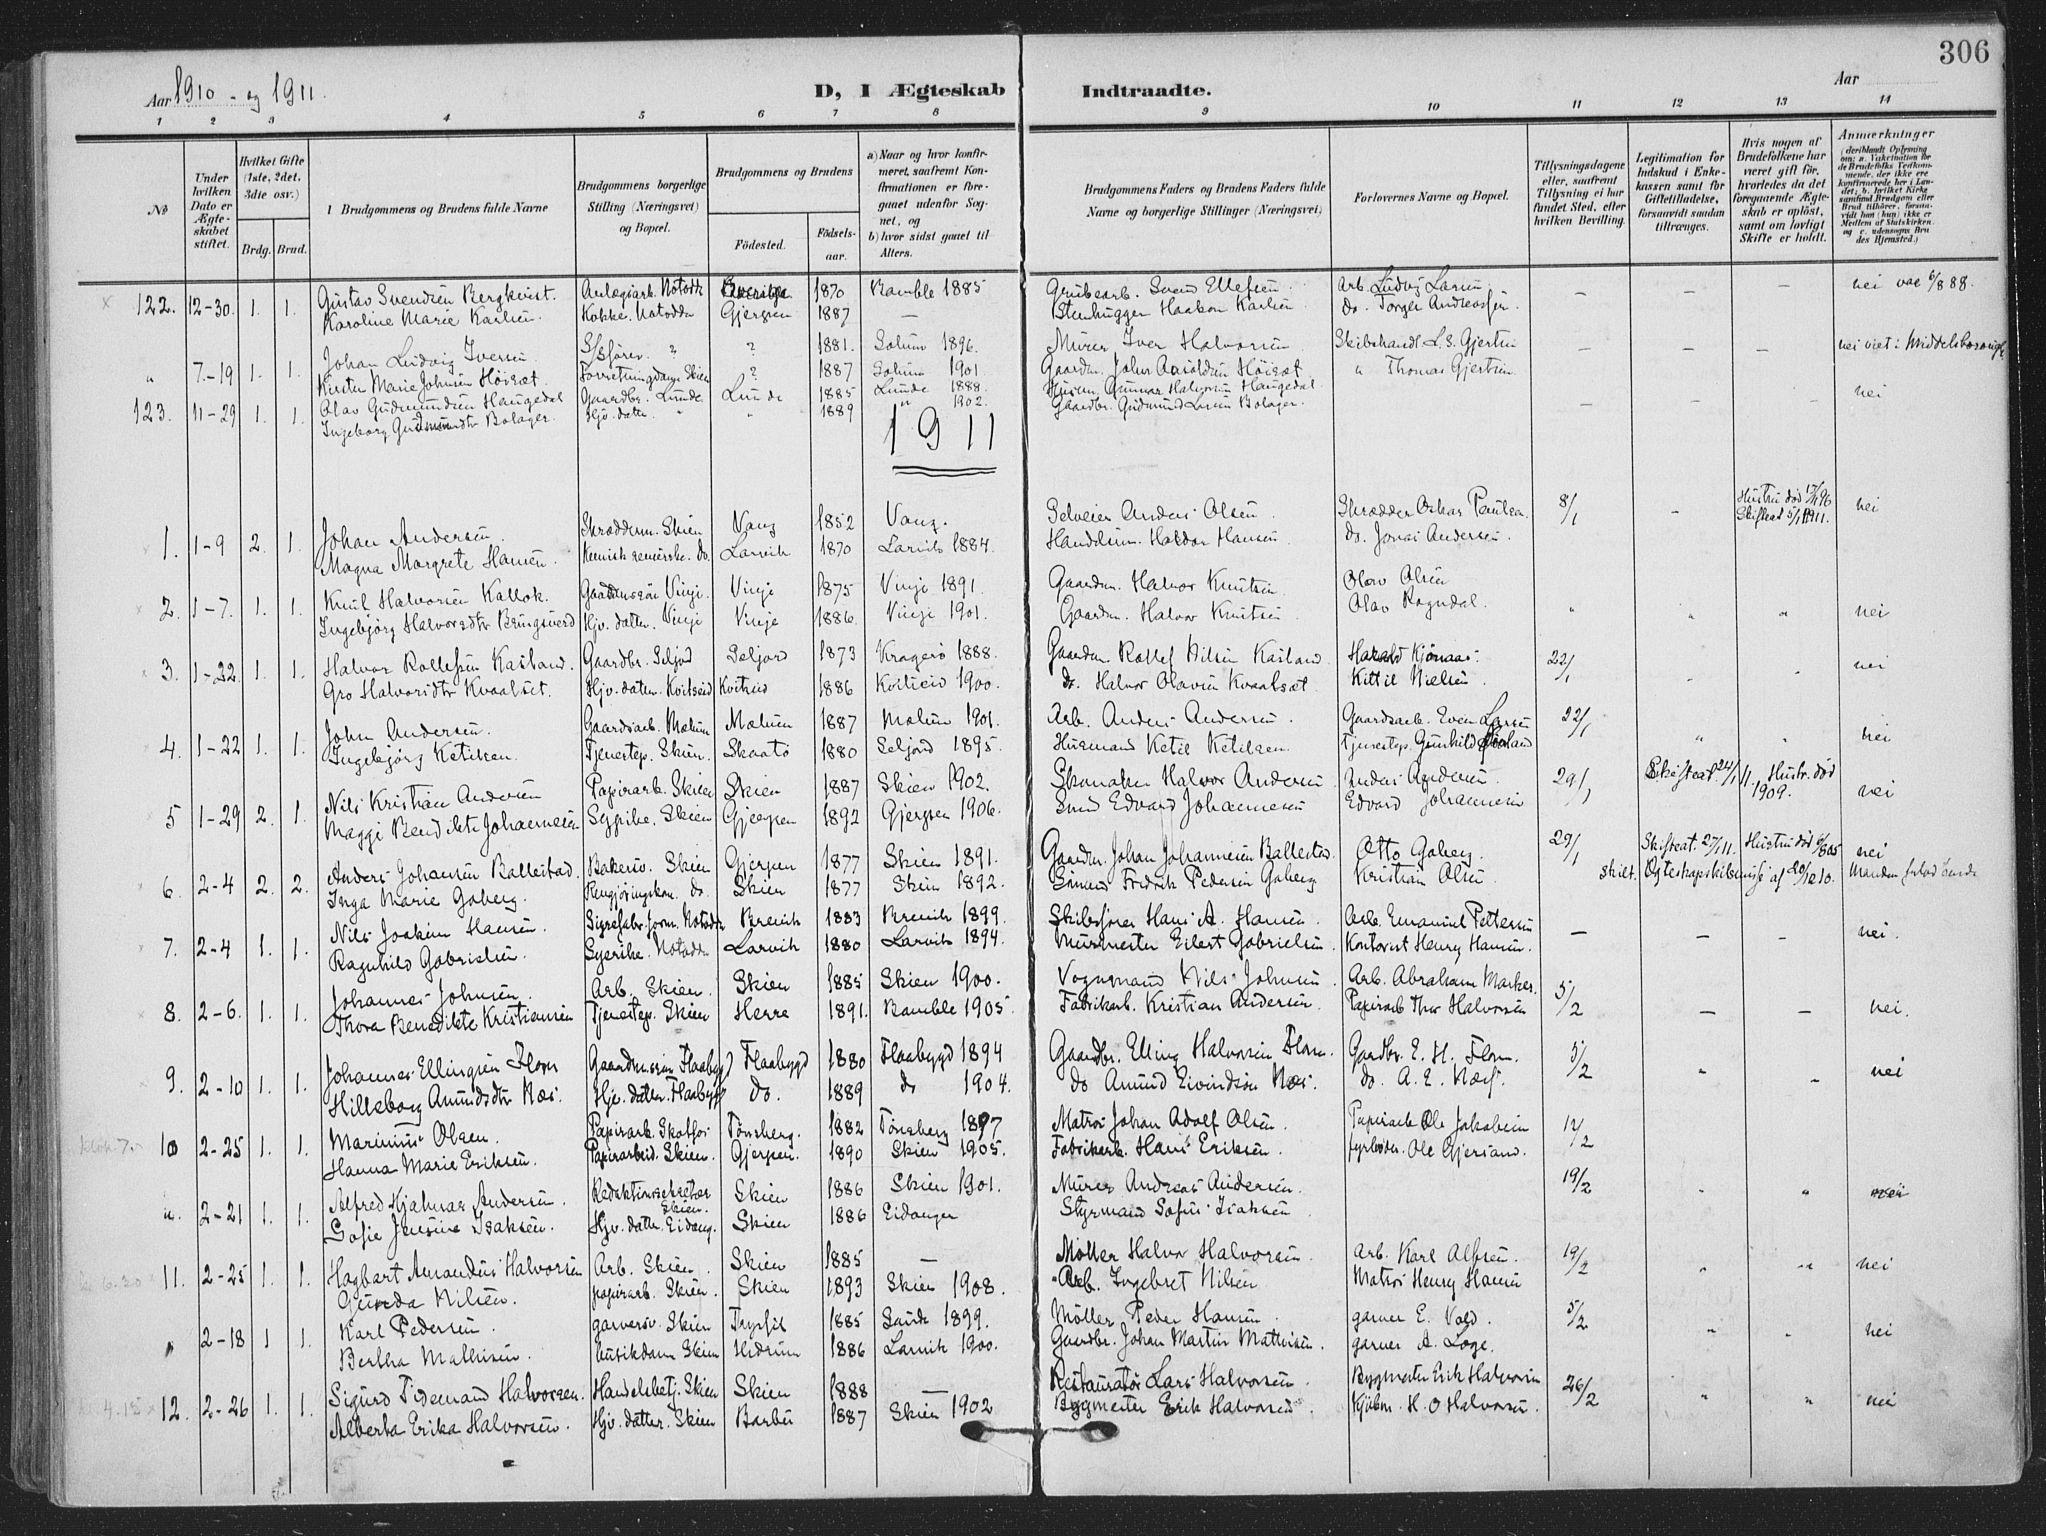 SAKO, Skien kirkebøker, F/Fa/L0012: Ministerialbok nr. 12, 1908-1914, s. 306